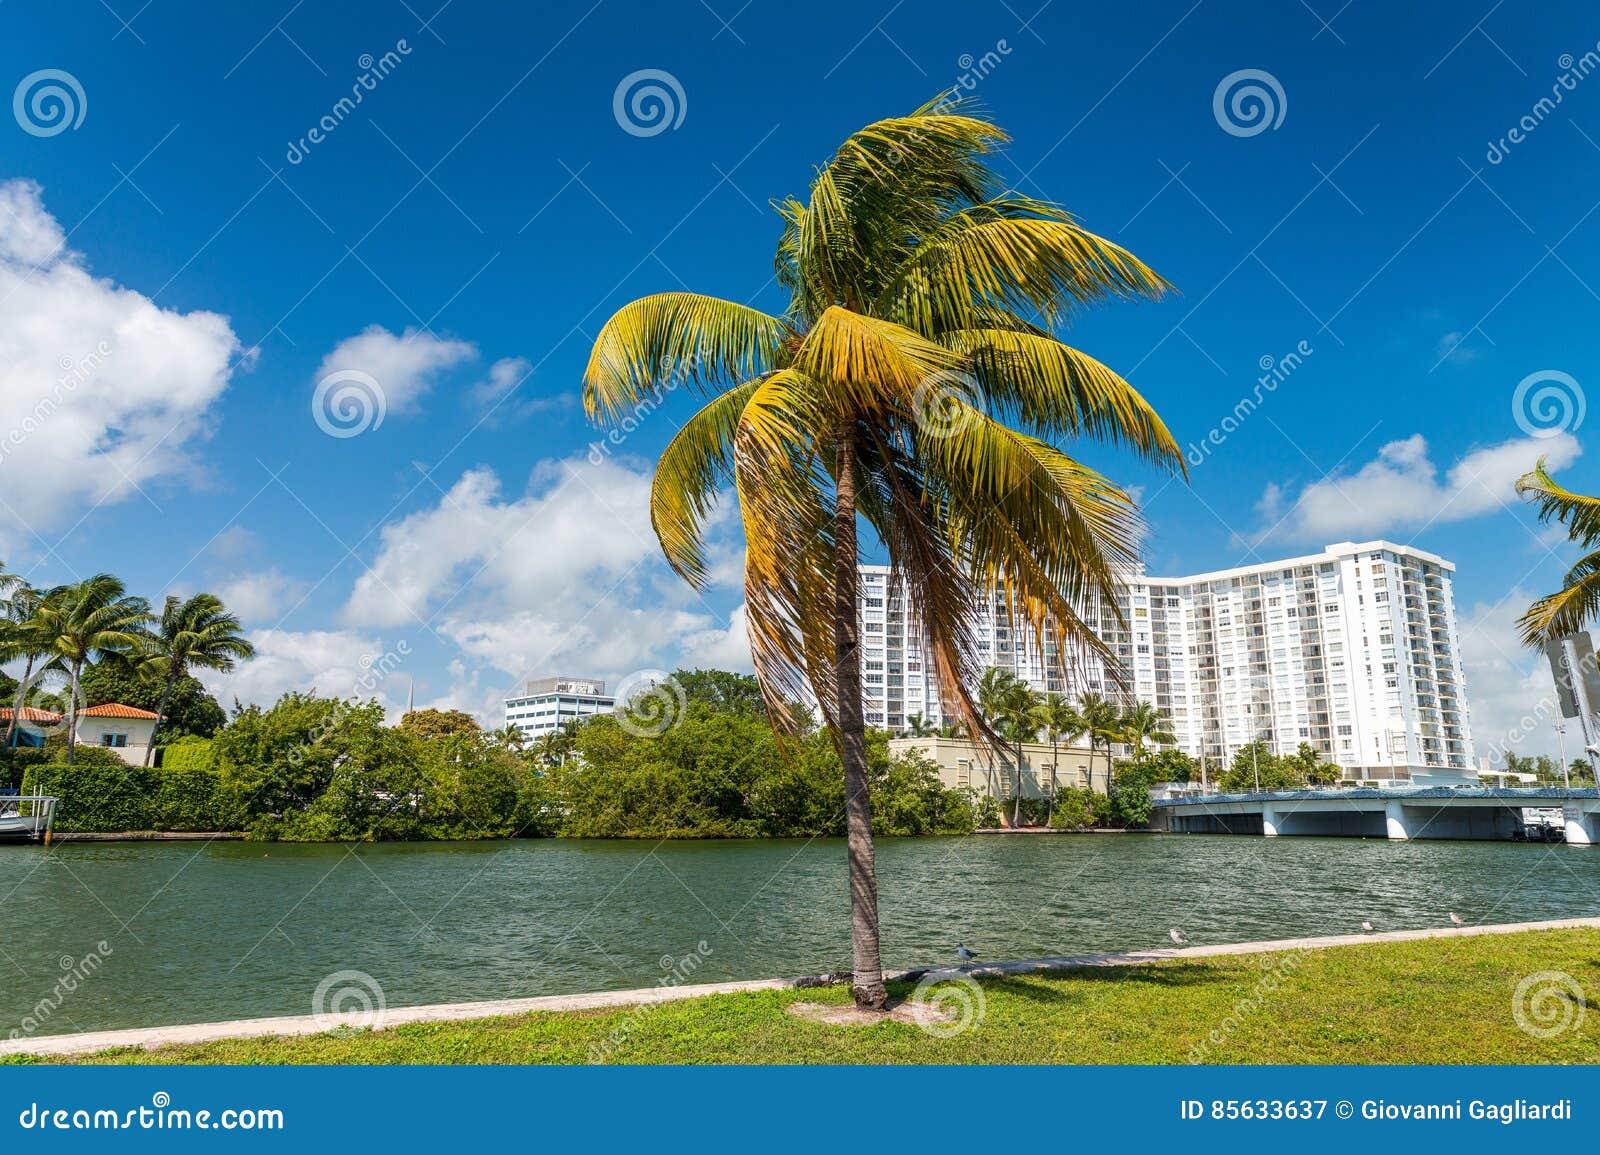 Palmen und Gebäude des Miami Beachs - Florida, USA